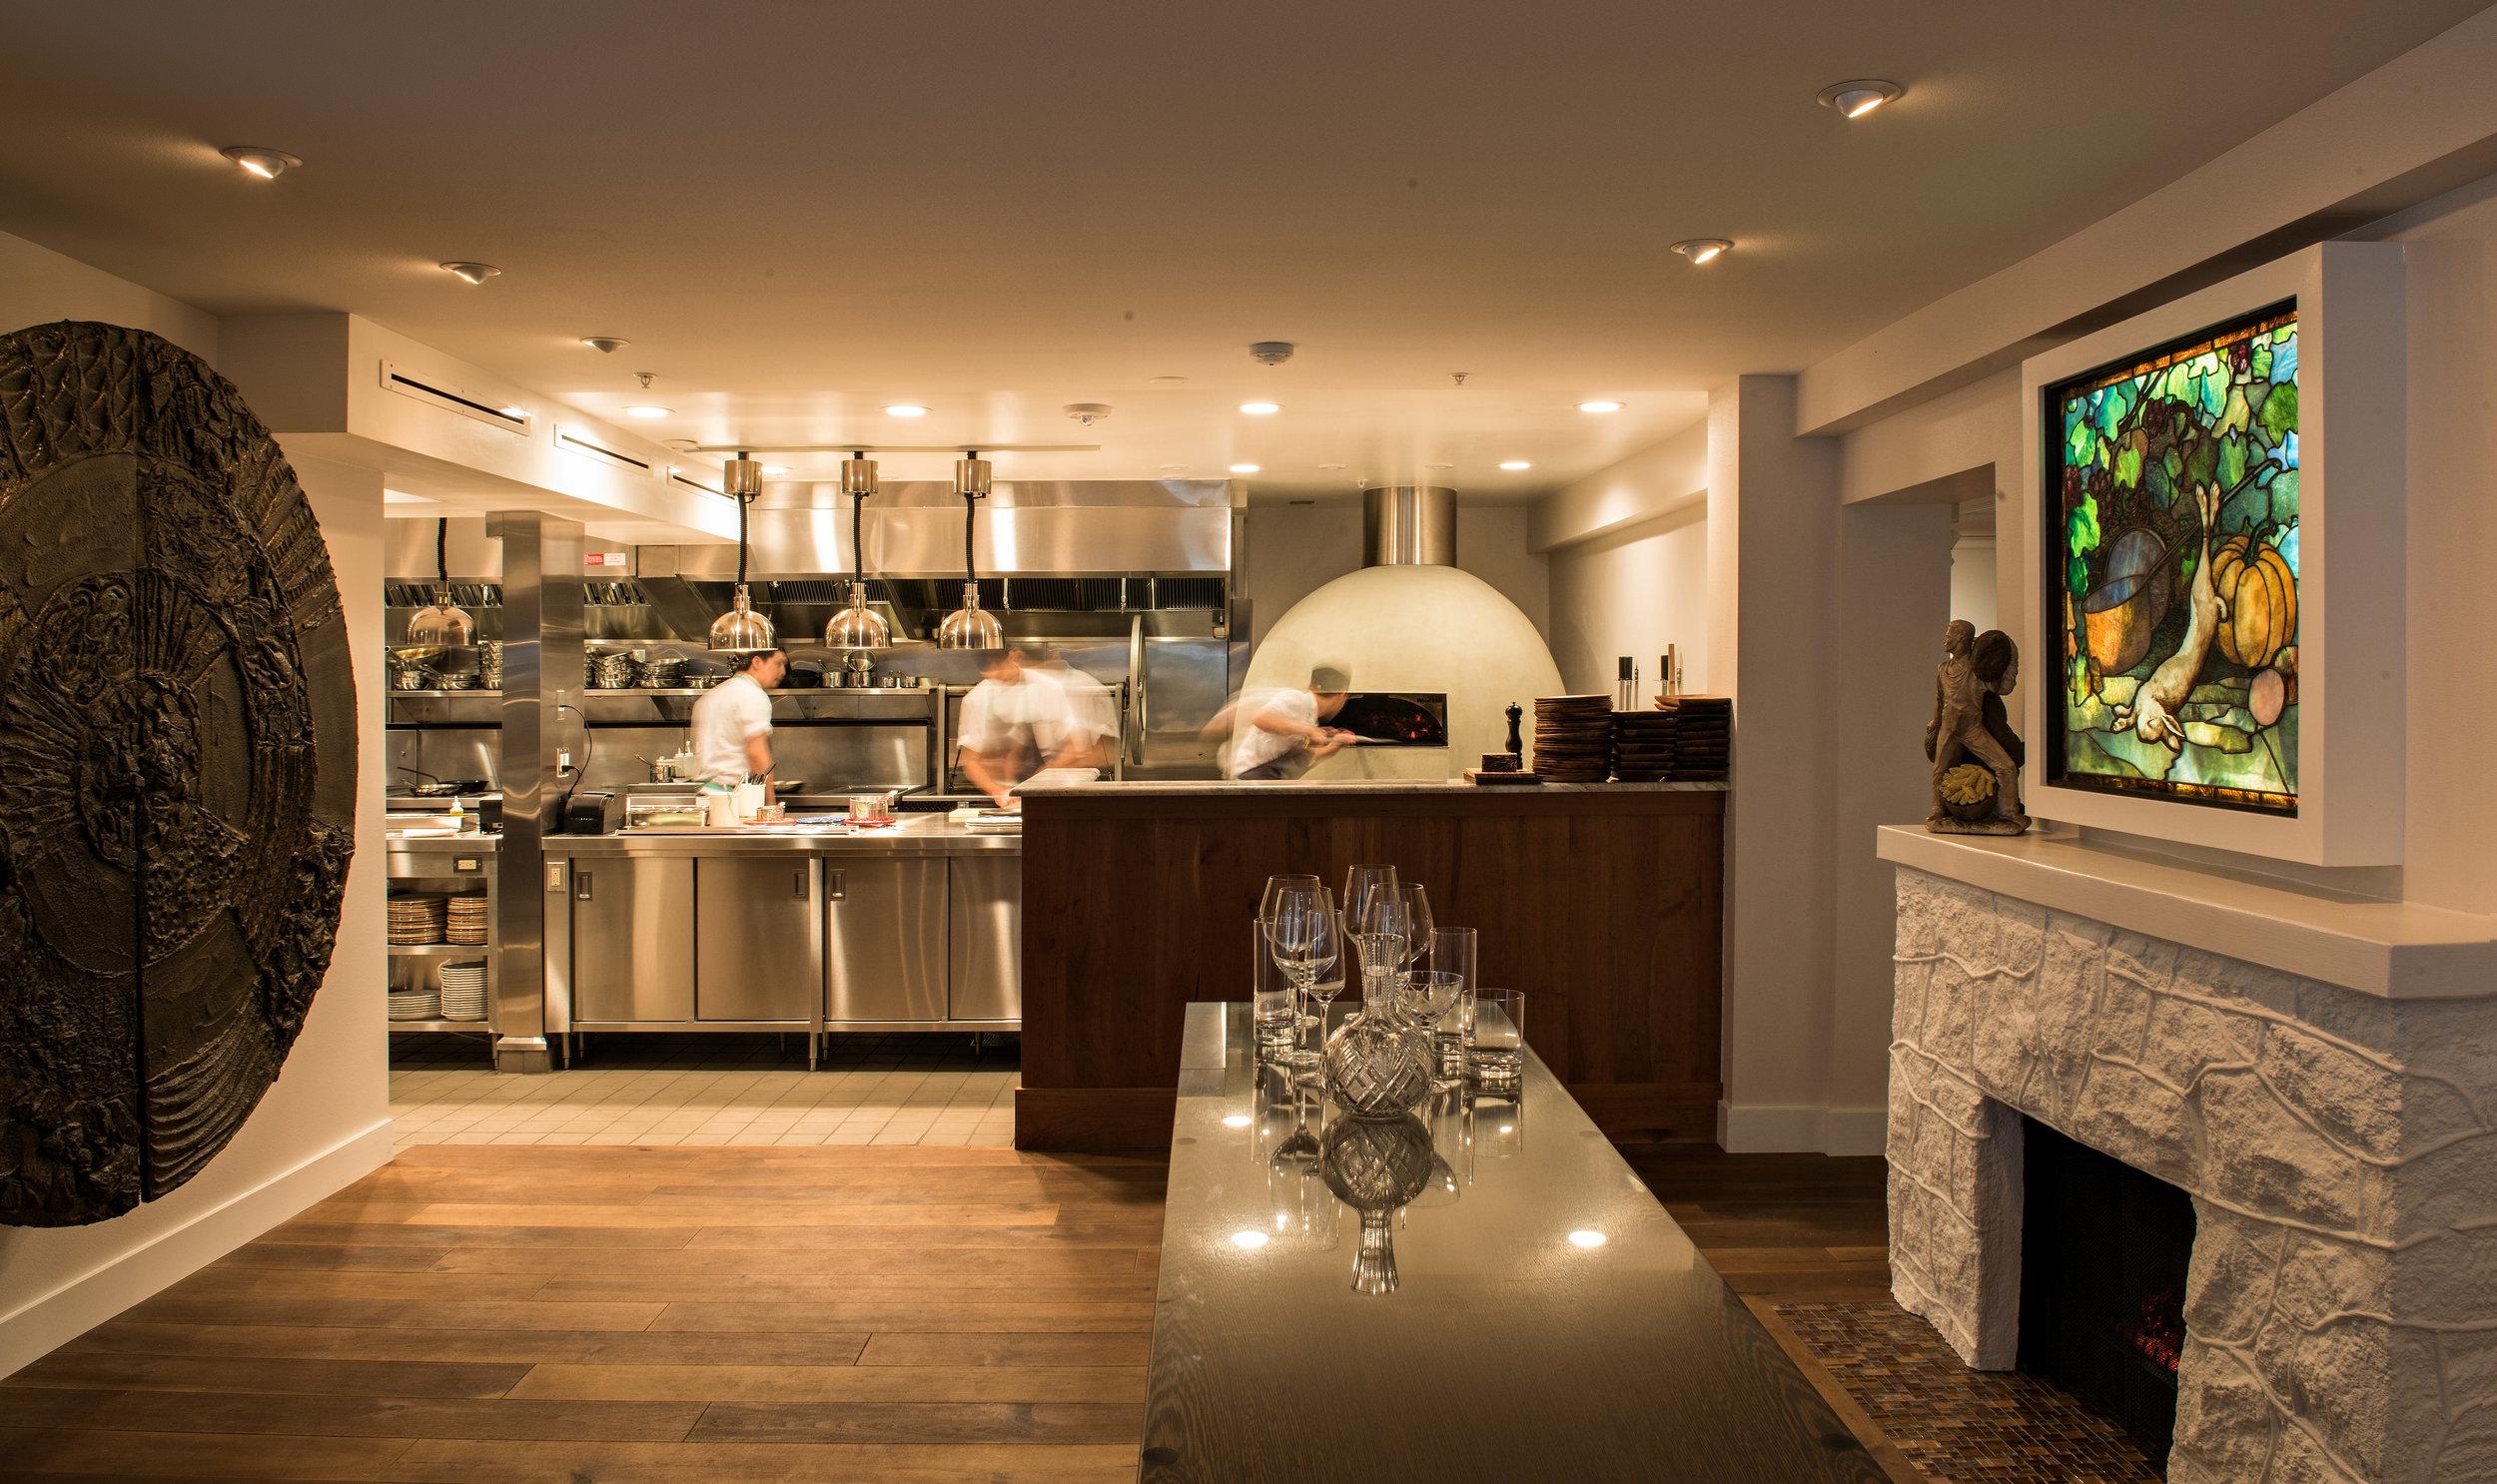 KitchenInMotionV2.jpg